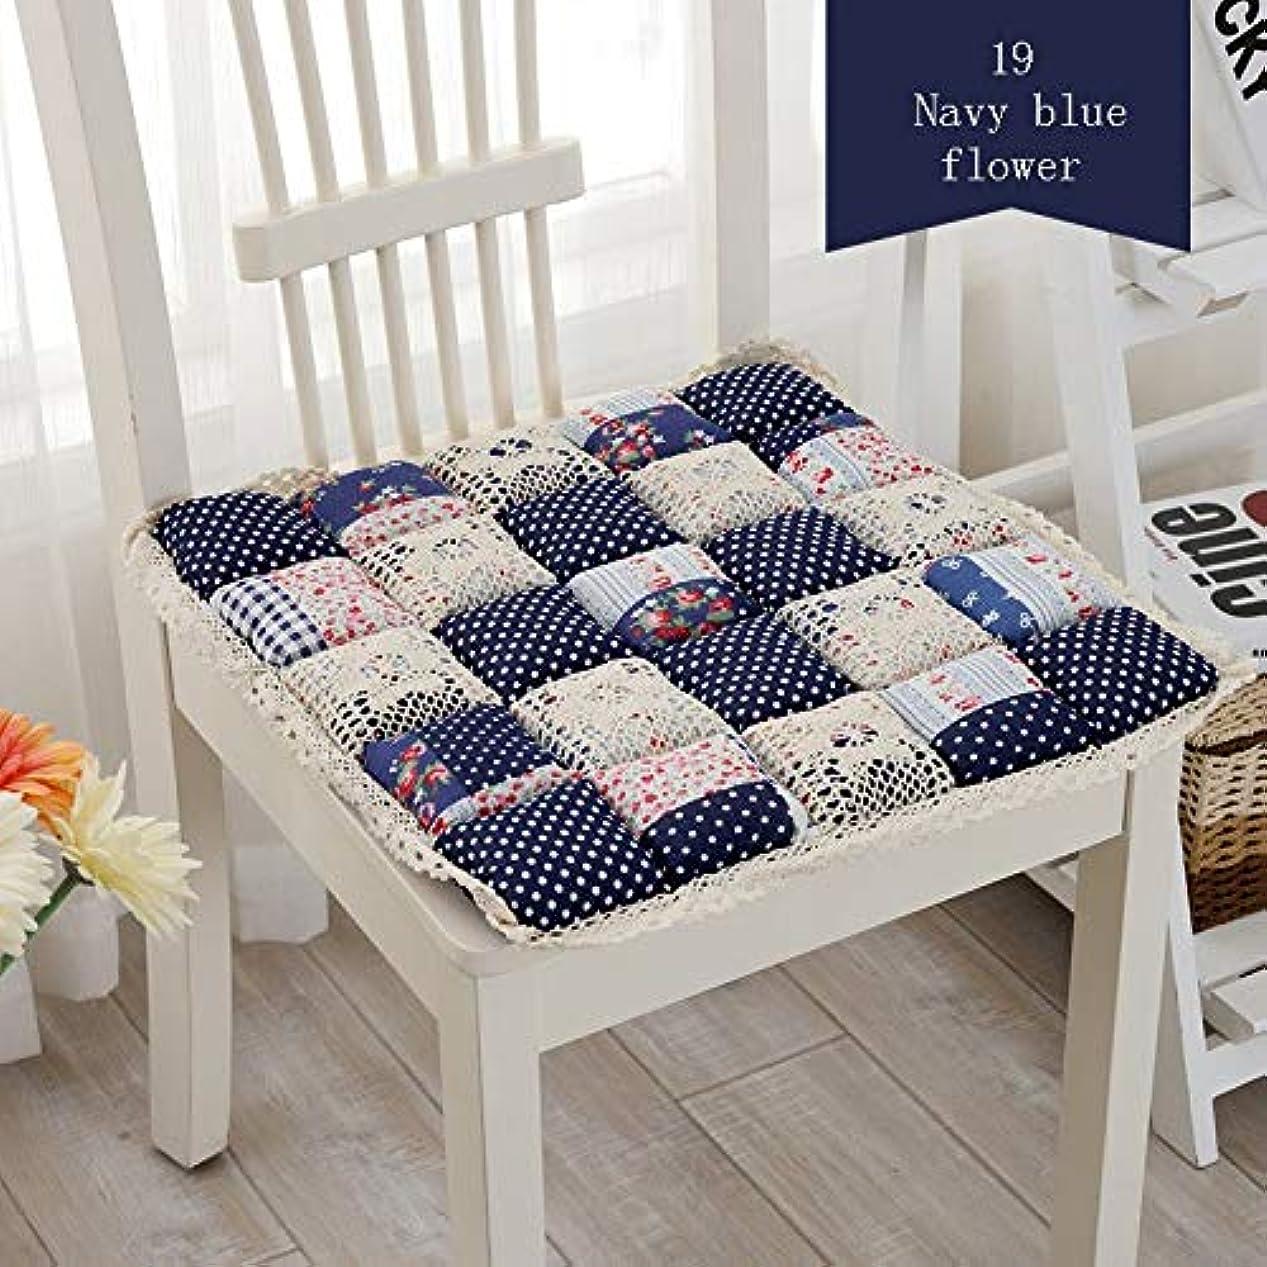 蓄積する呪いコストLIFE 1 個抗褥瘡綿椅子クッション 24 色ファッションオフィス正方形クッション学生チェアクッション家の装飾厚み クッション 椅子